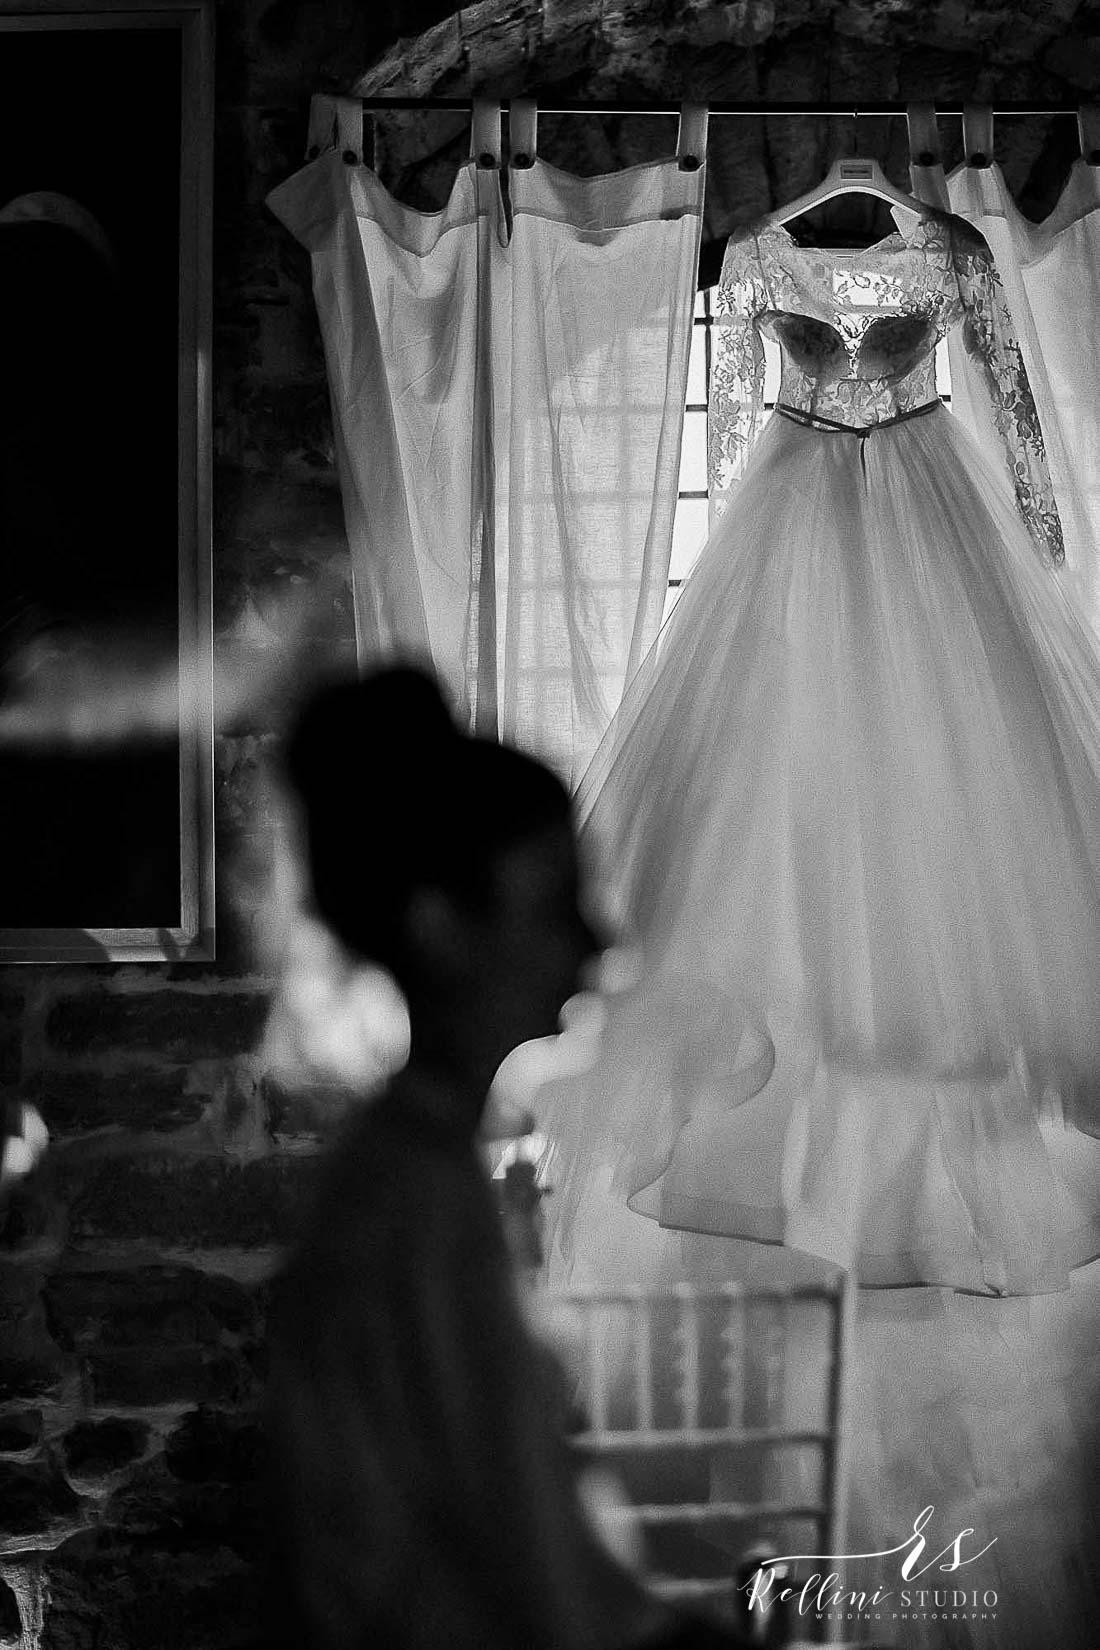 matrimonio Castello Rosciano 018.jpg